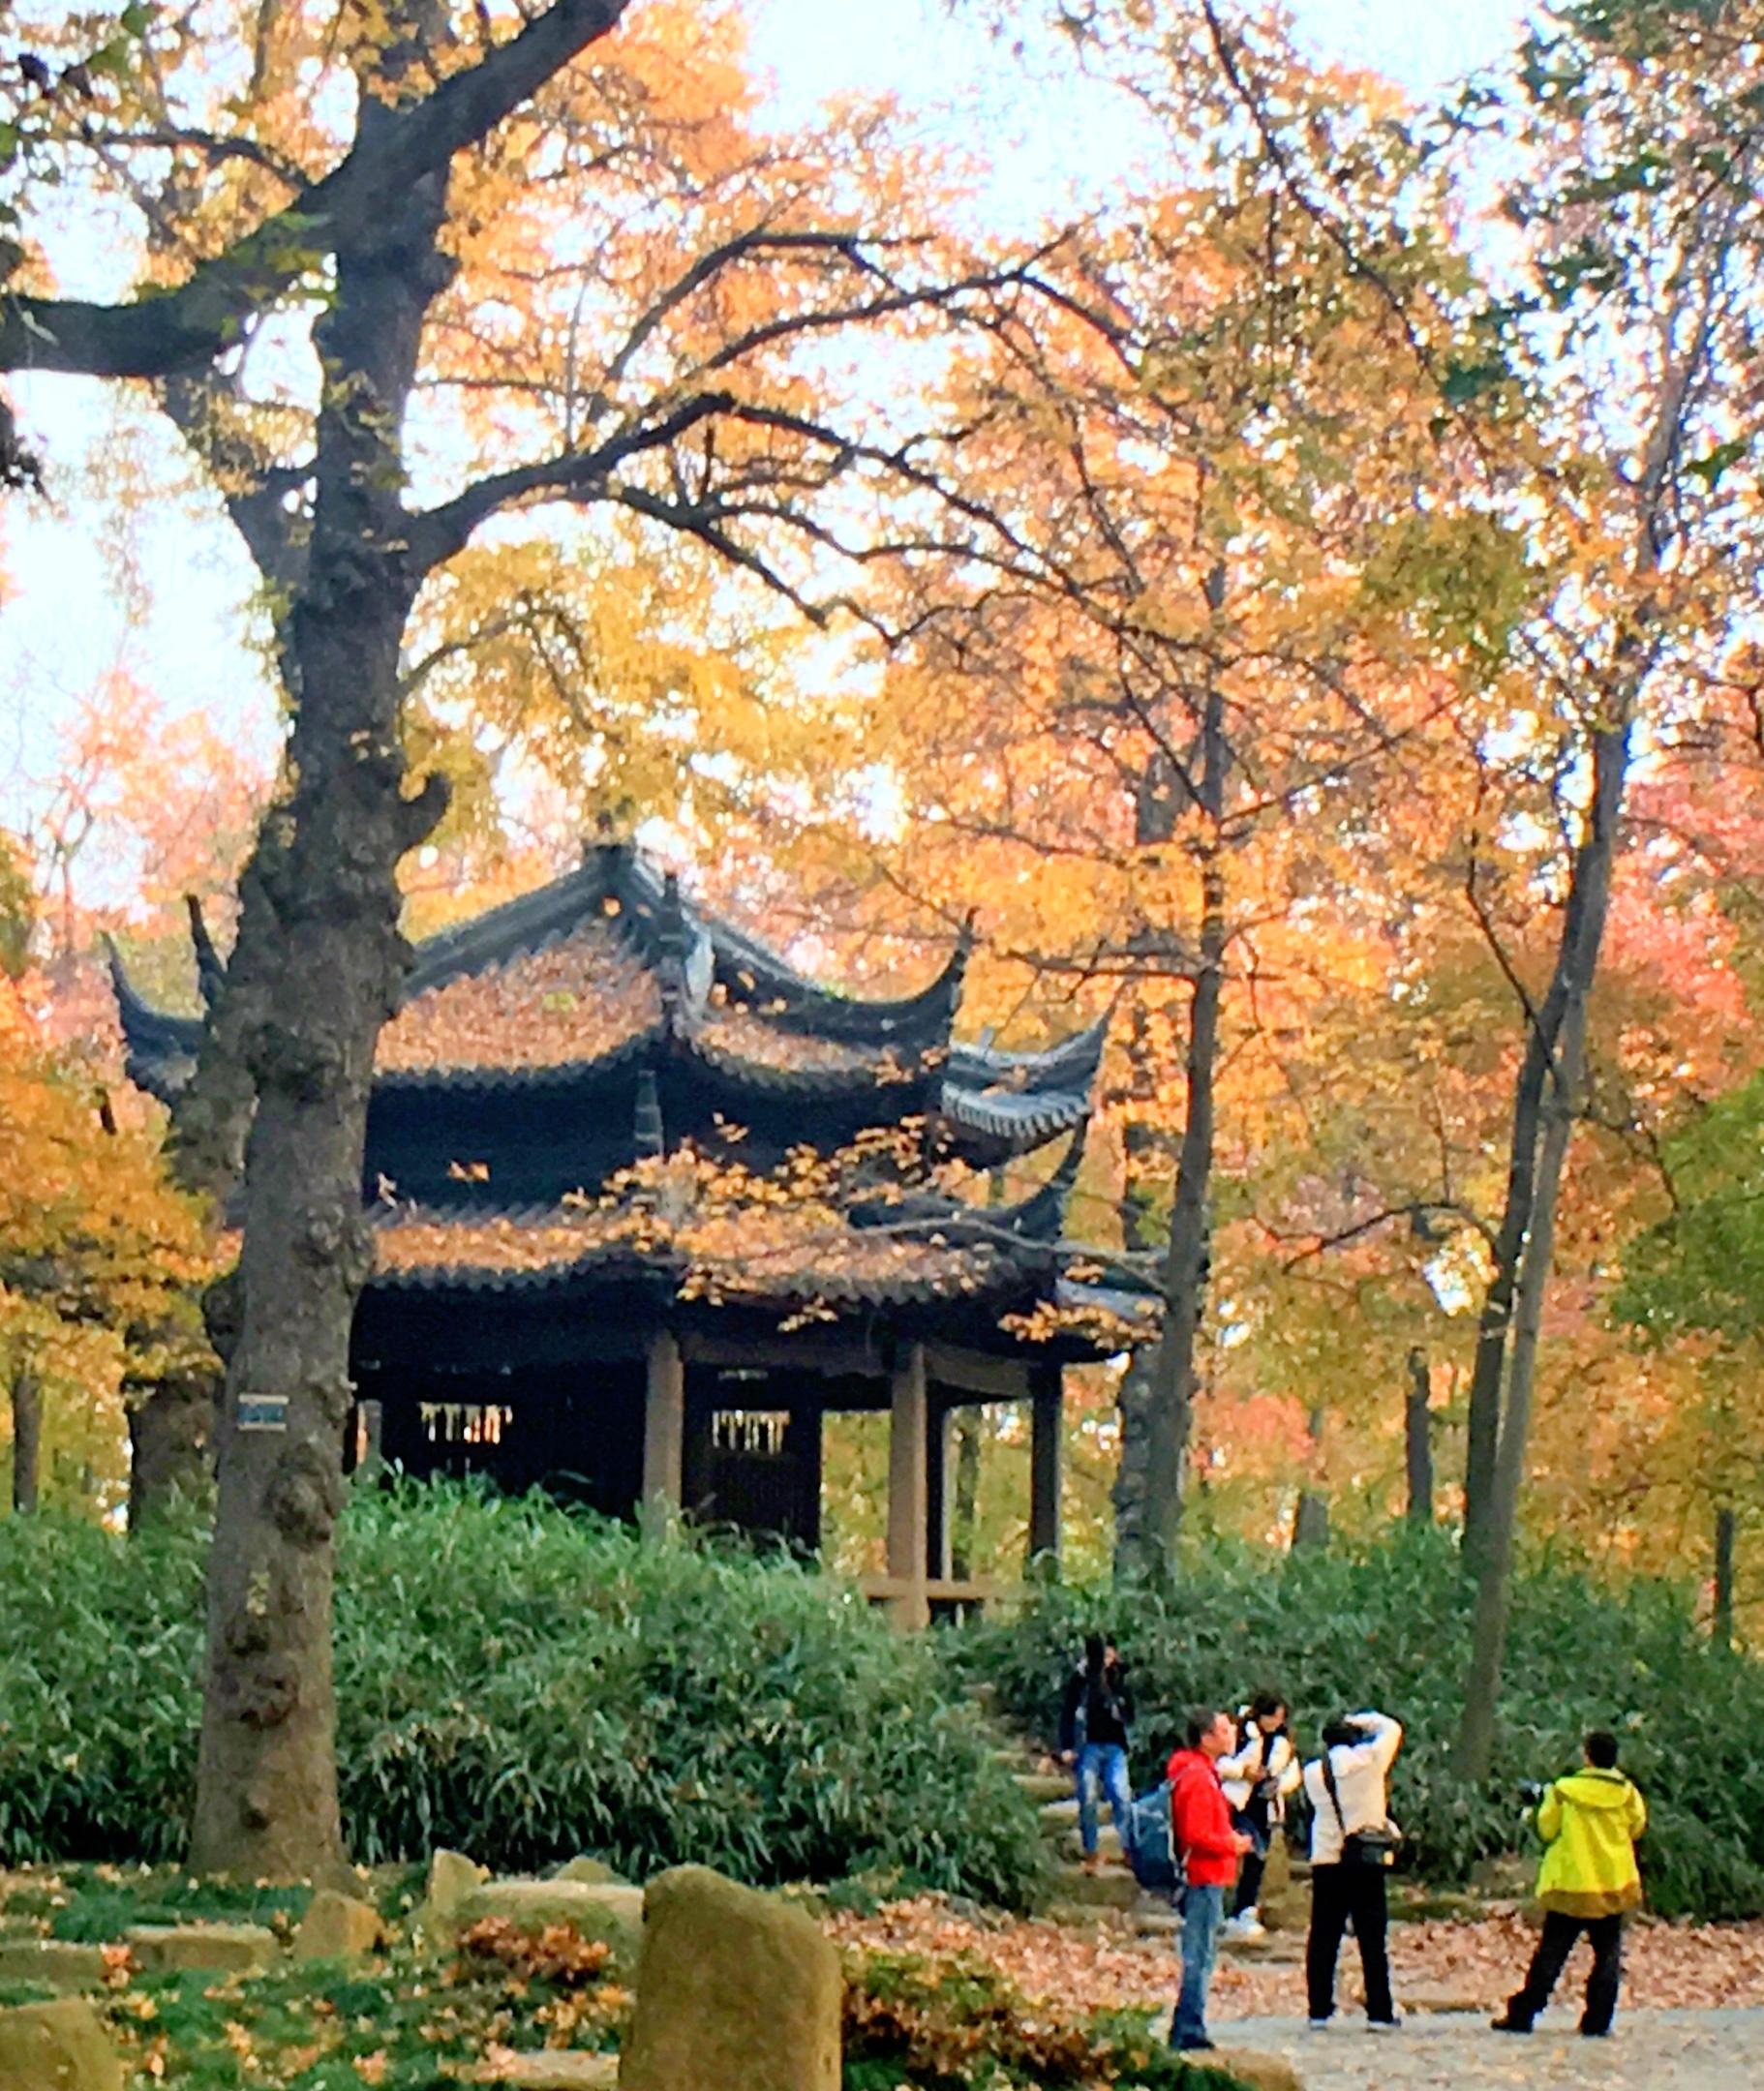 天平山风景名胜区位于苏州古城西南,太湖之滨,是太湖国家风景名胜区